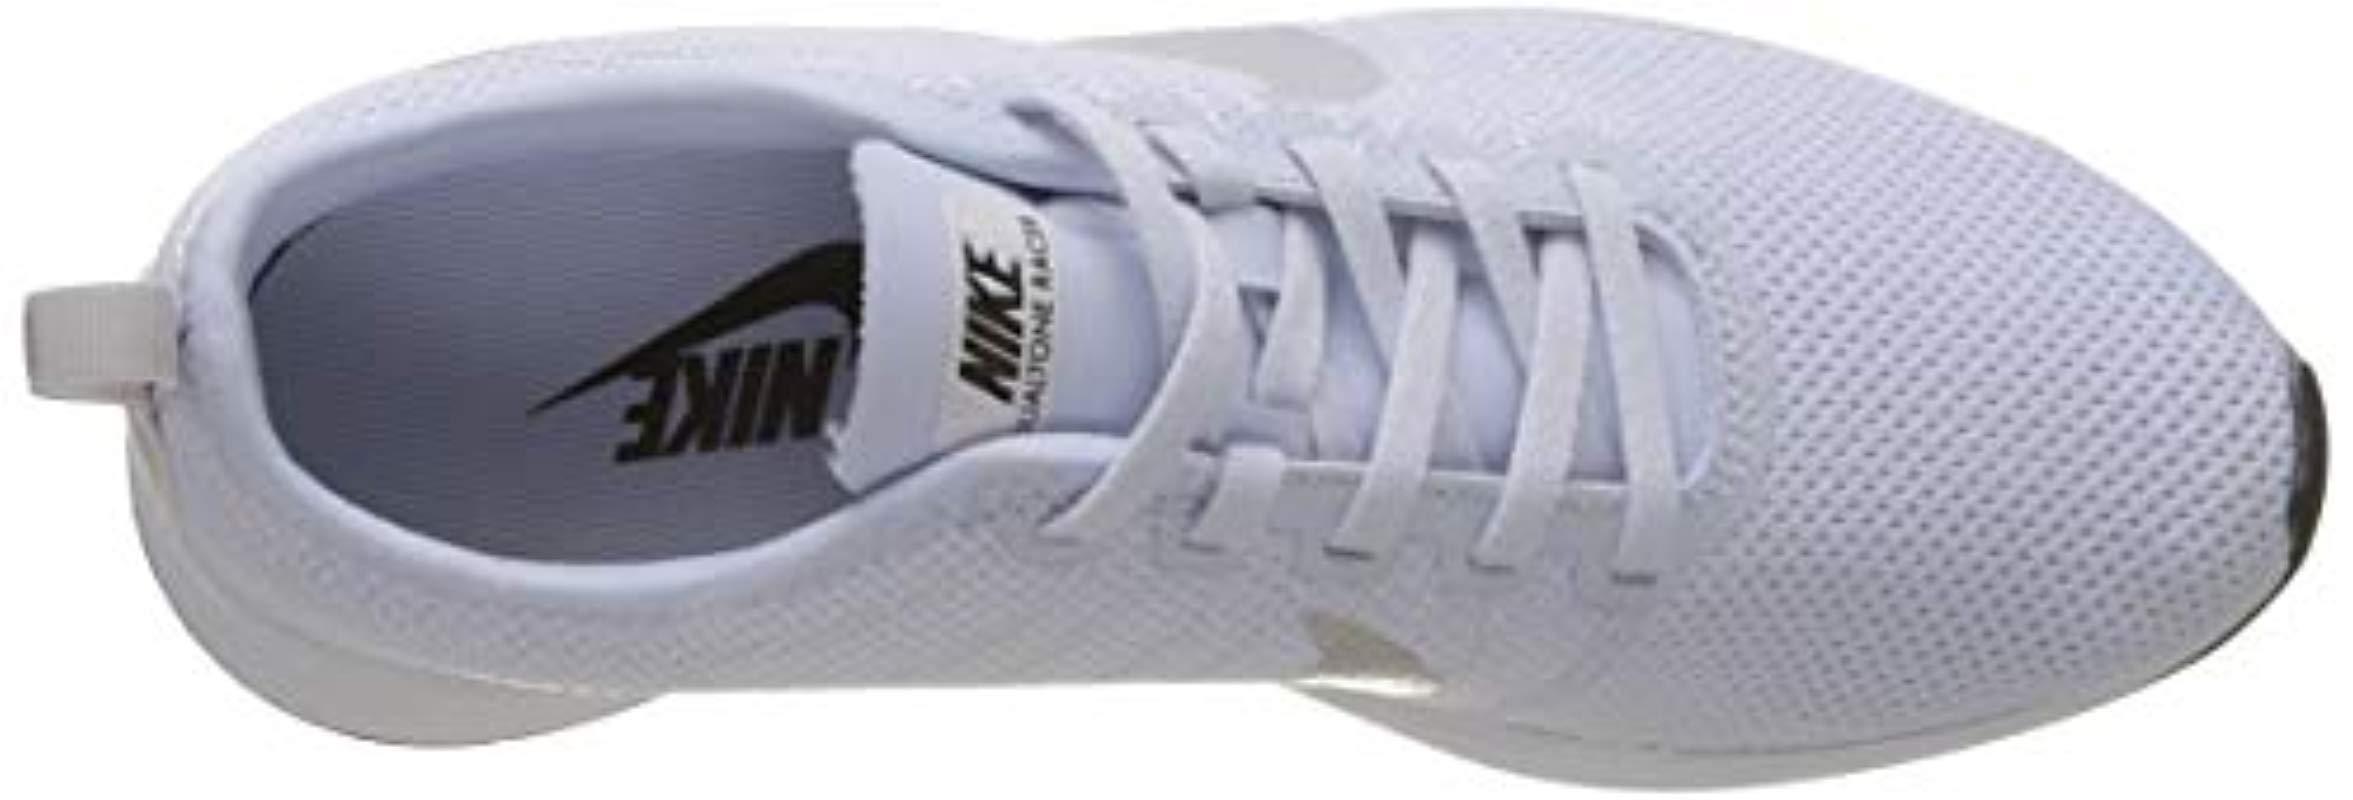 W Dualtone Racer Nike de color Gris